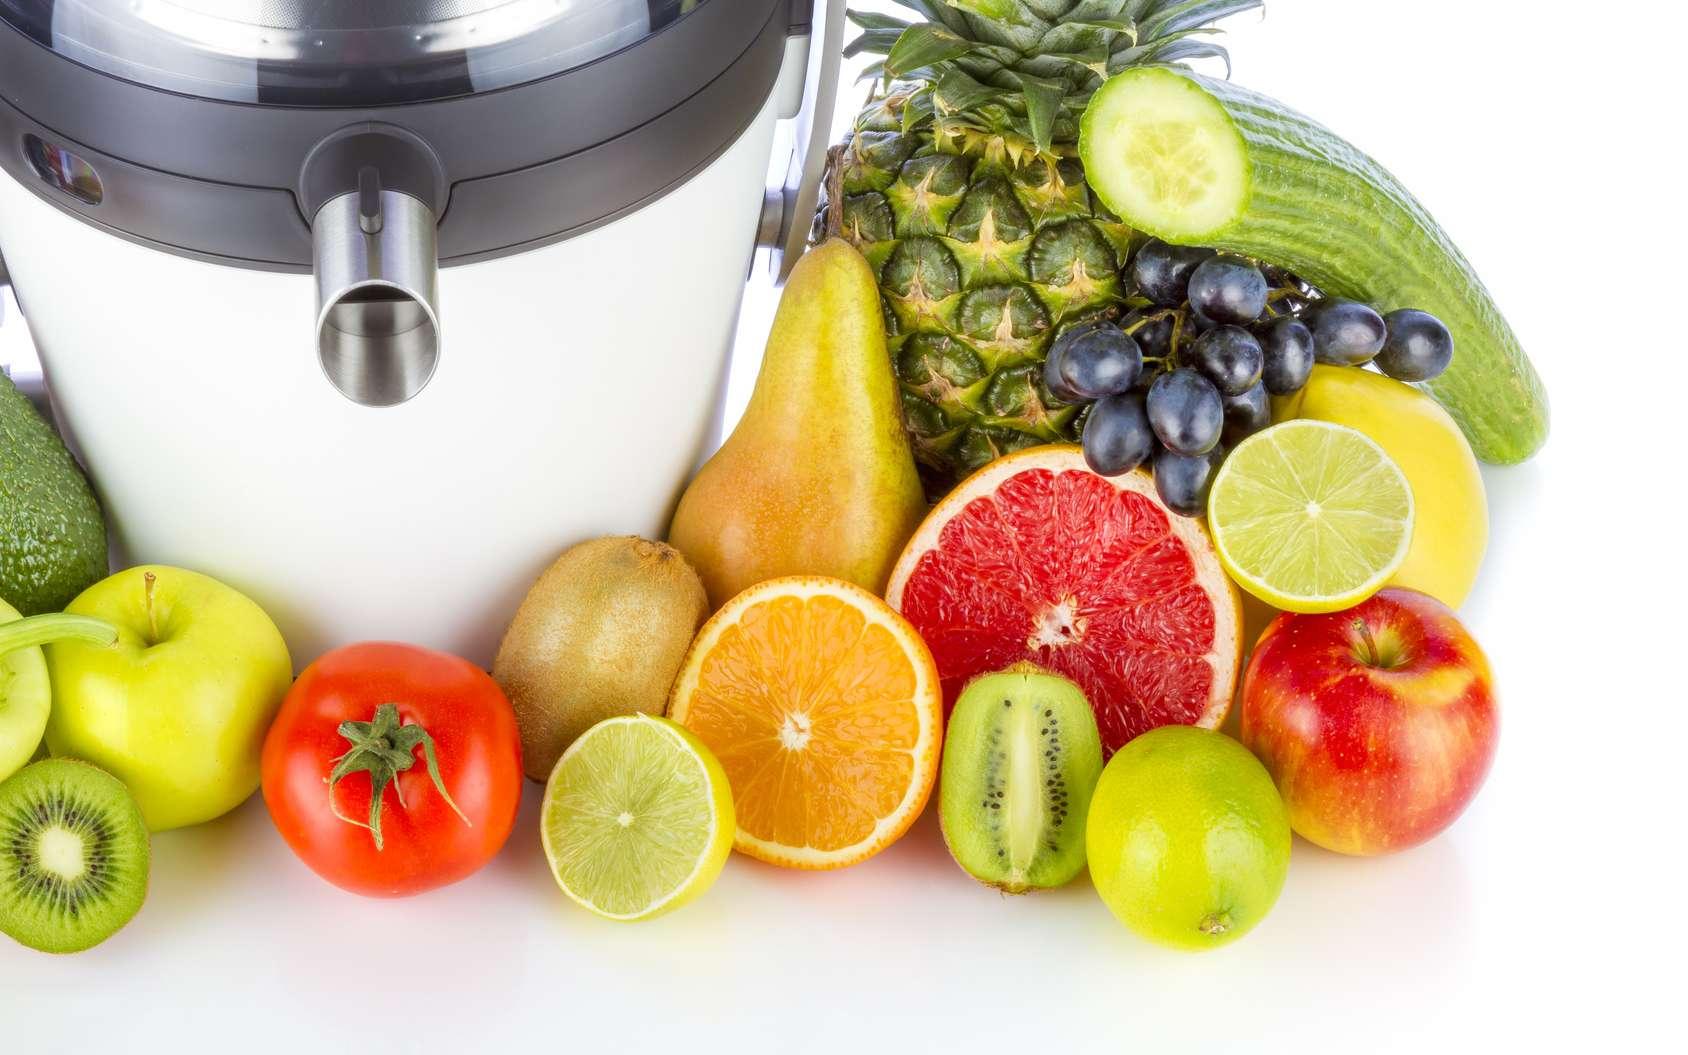 Extracteur de jus et centrifugeuse : comment choisir ? © manaemedia, Fotolia